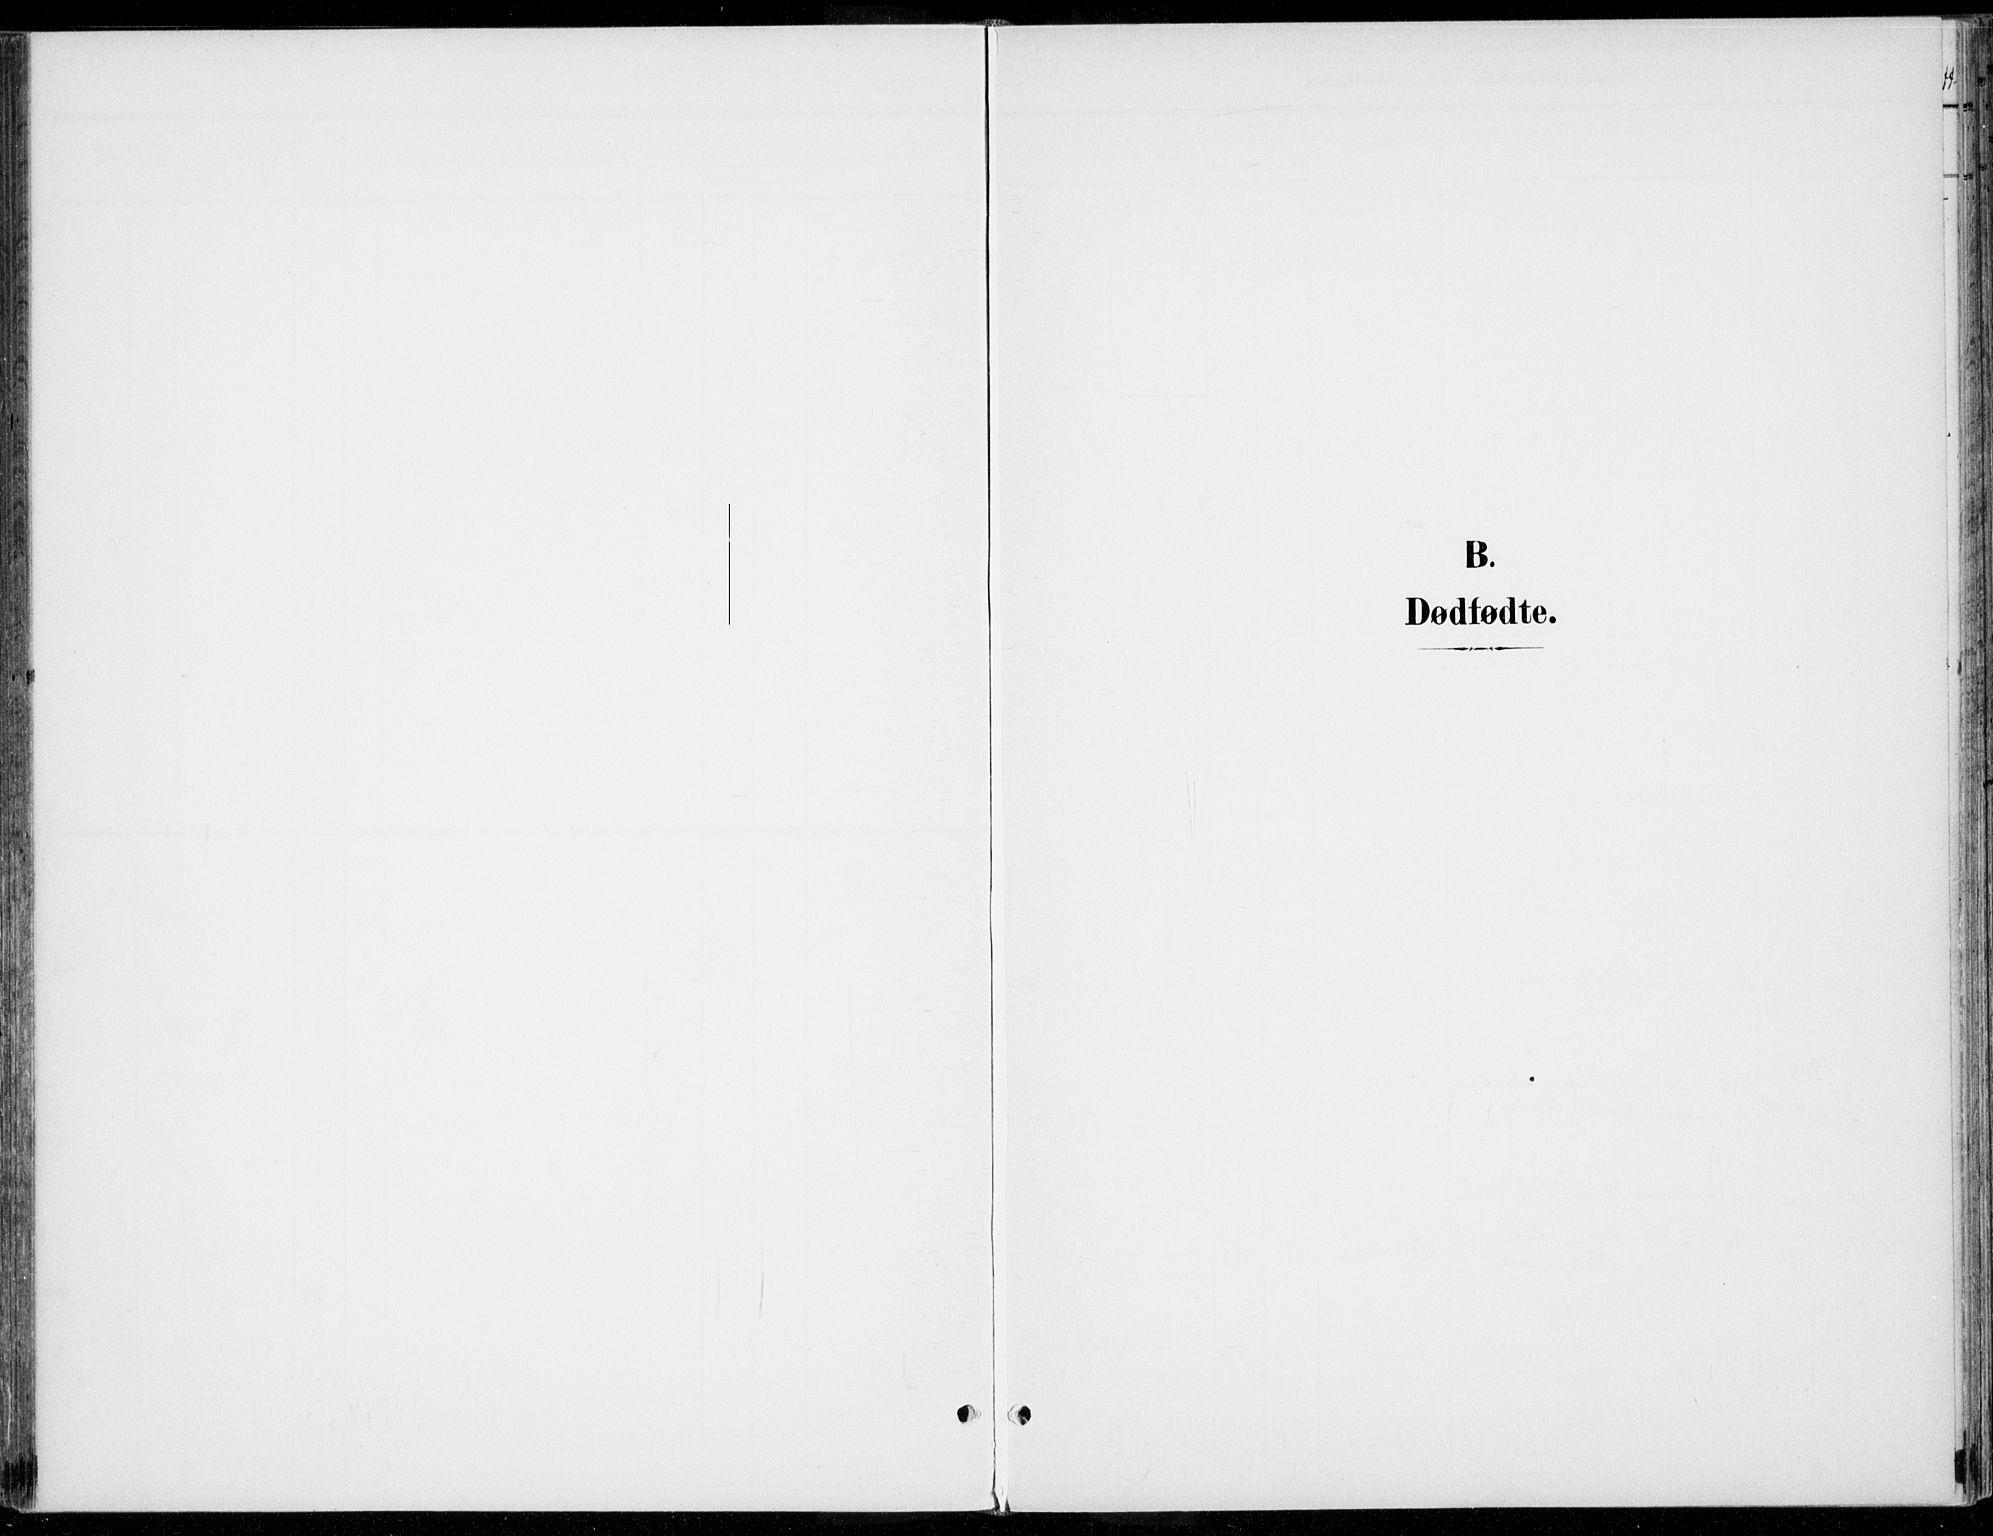 SAH, Rendalen prestekontor, H/Ha/Haa/L0011: Ministerialbok nr. 11, 1901-1925